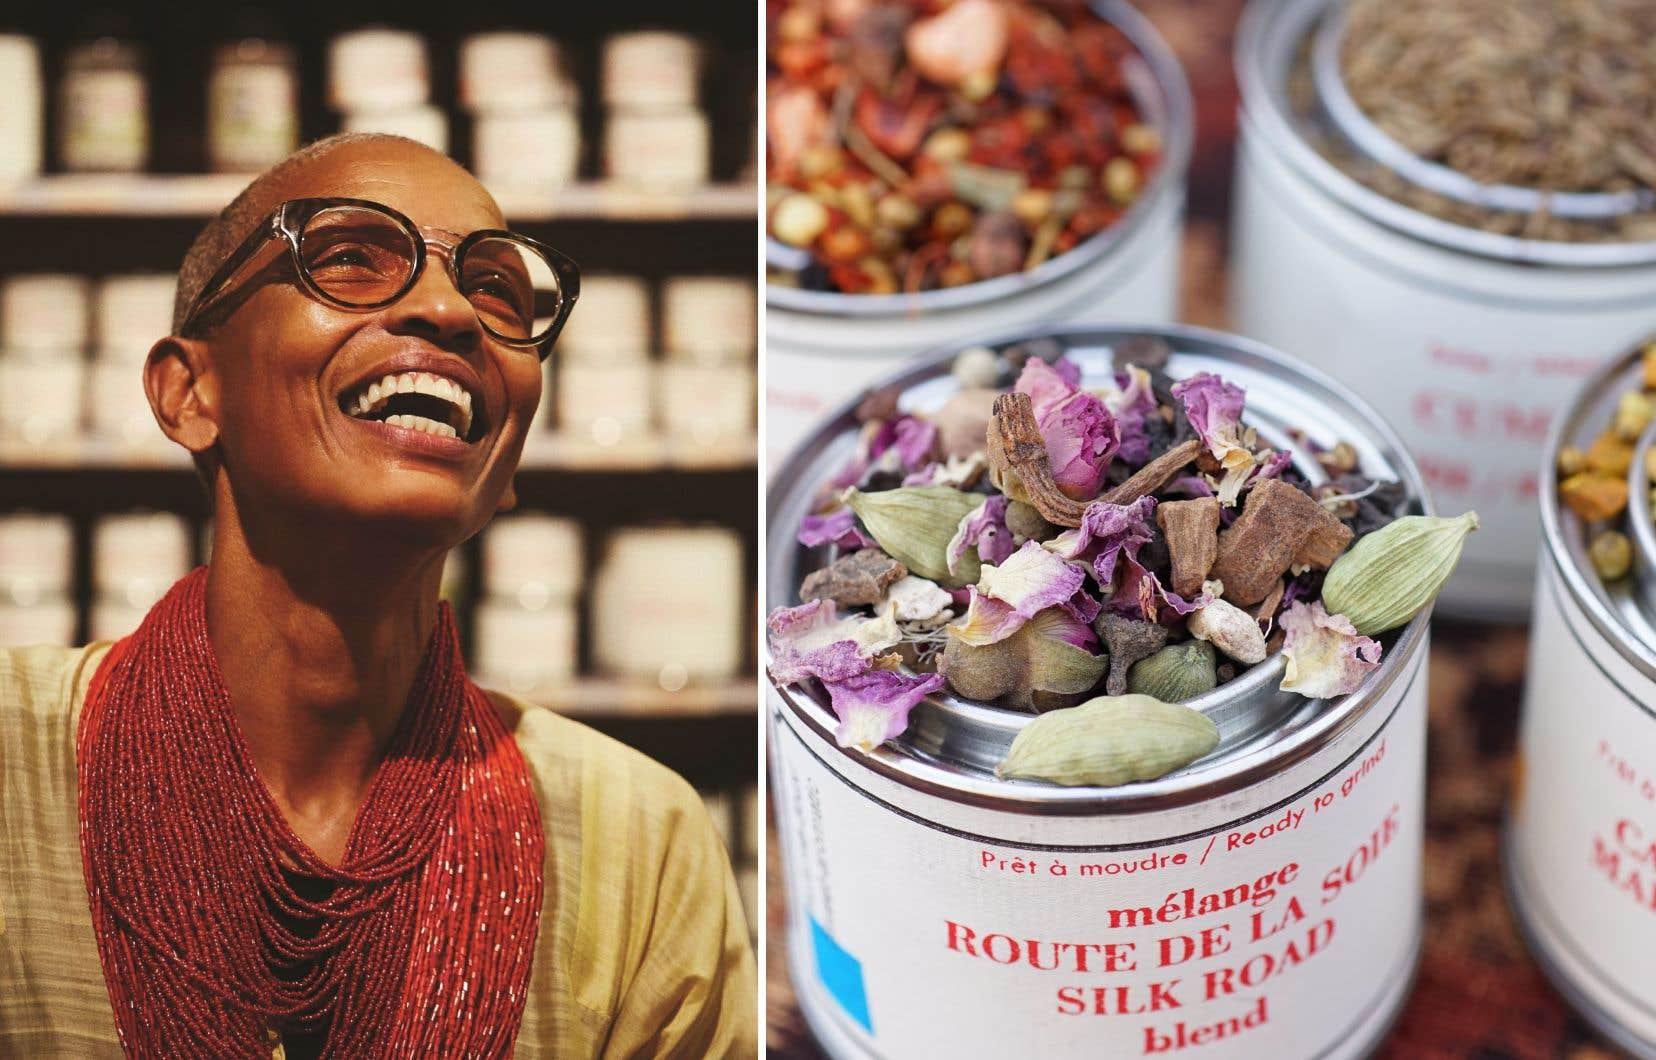 Selon Ethné de Vienne, copropriétaire d'Épices de cru, les épices prennent de plus en plus de place dans la cuisine de chez nous, même dans les plats traditionnels.